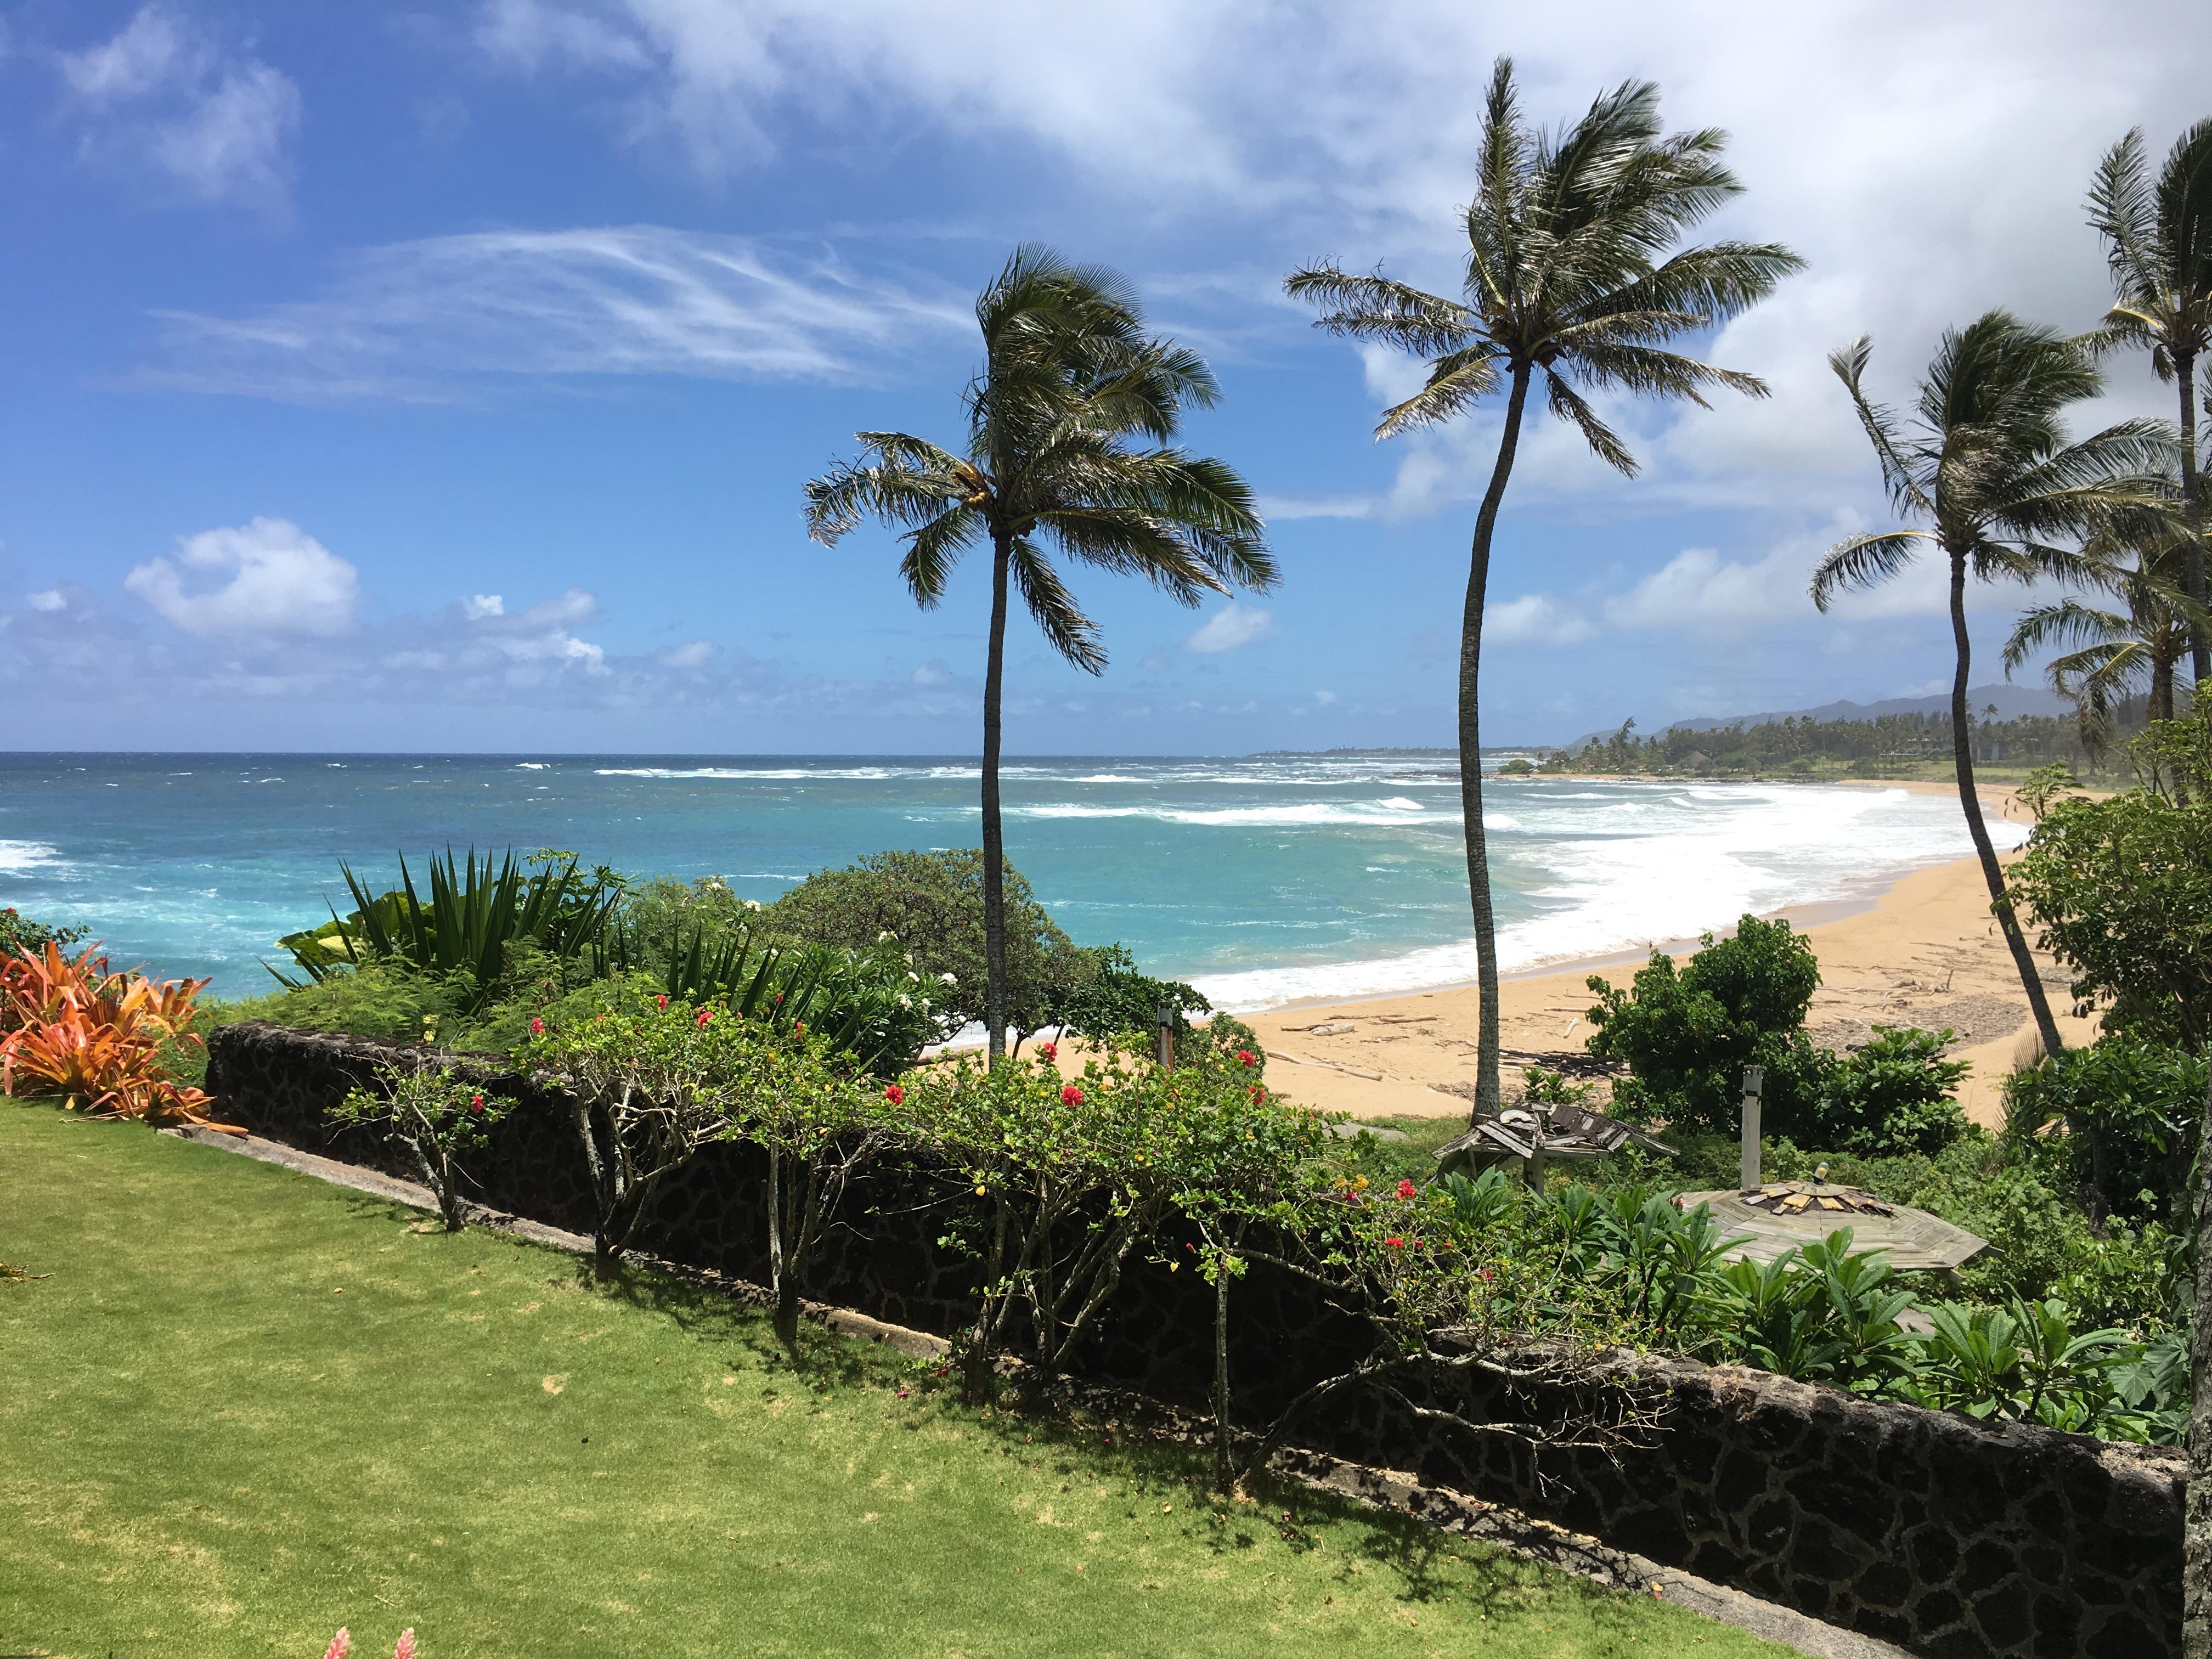 Surfing beach on Kauai east coast